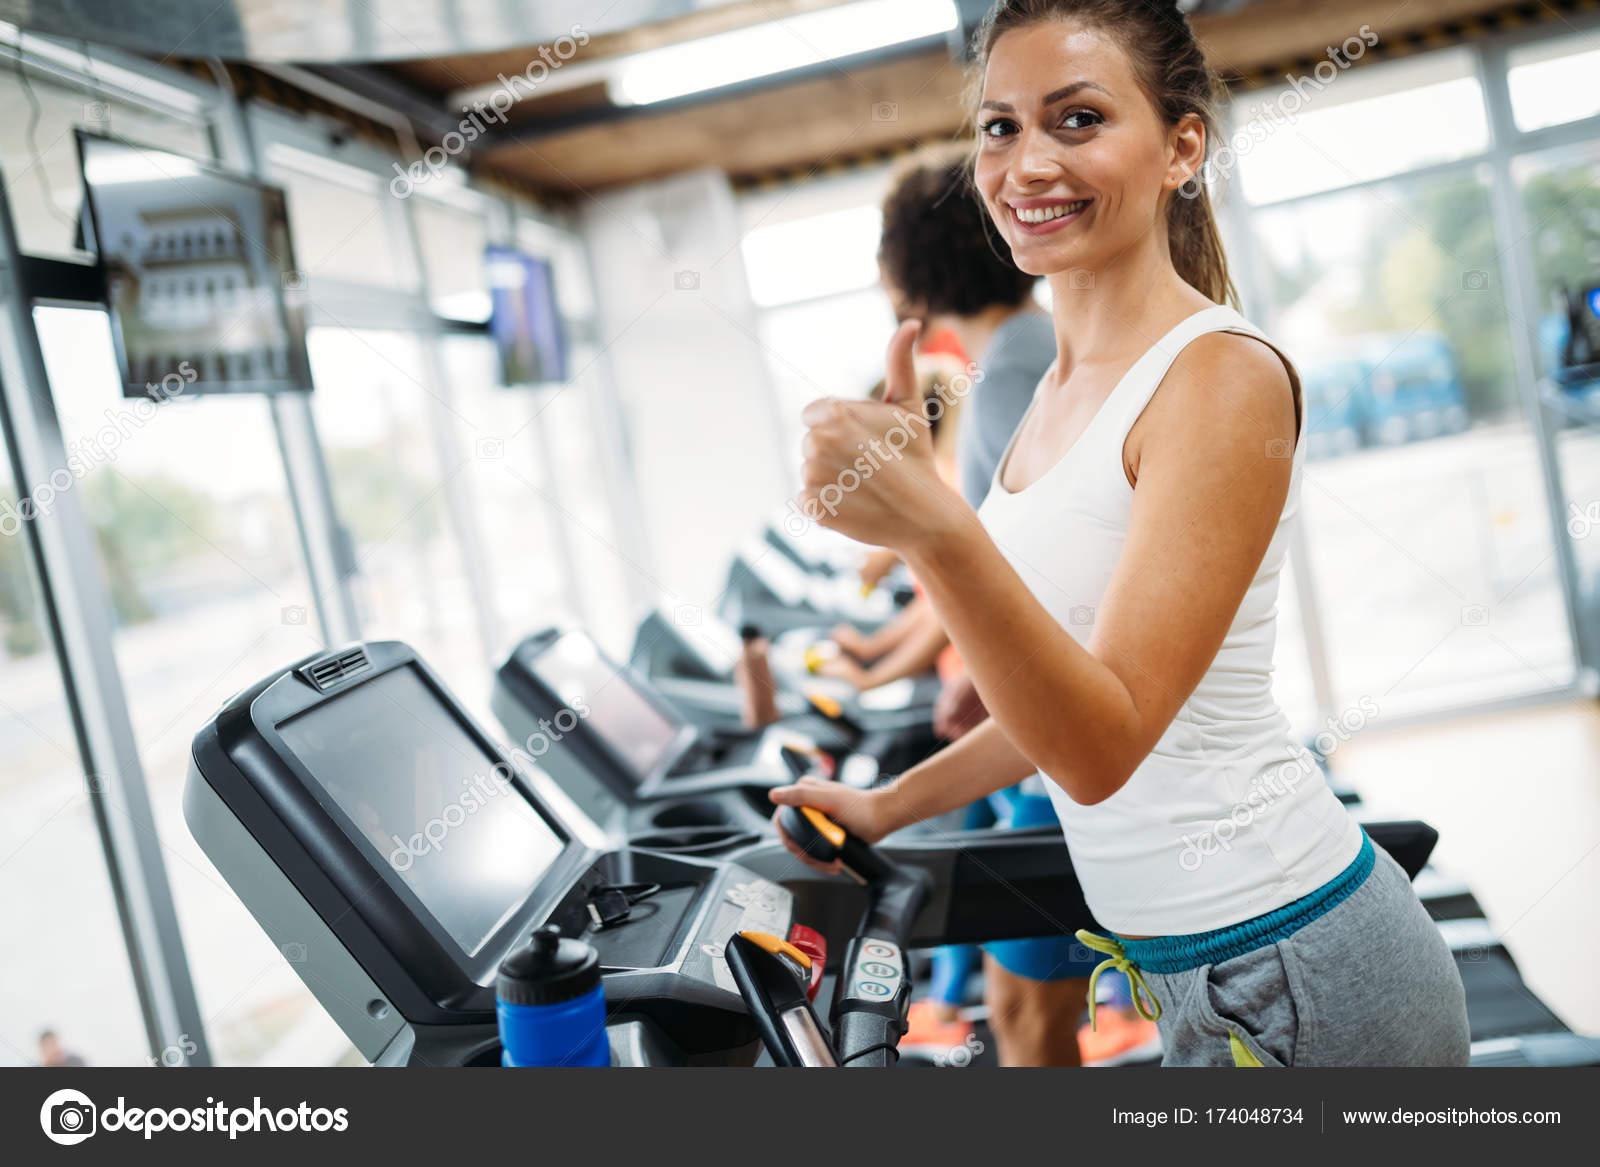 Cardio gym para bajar de peso